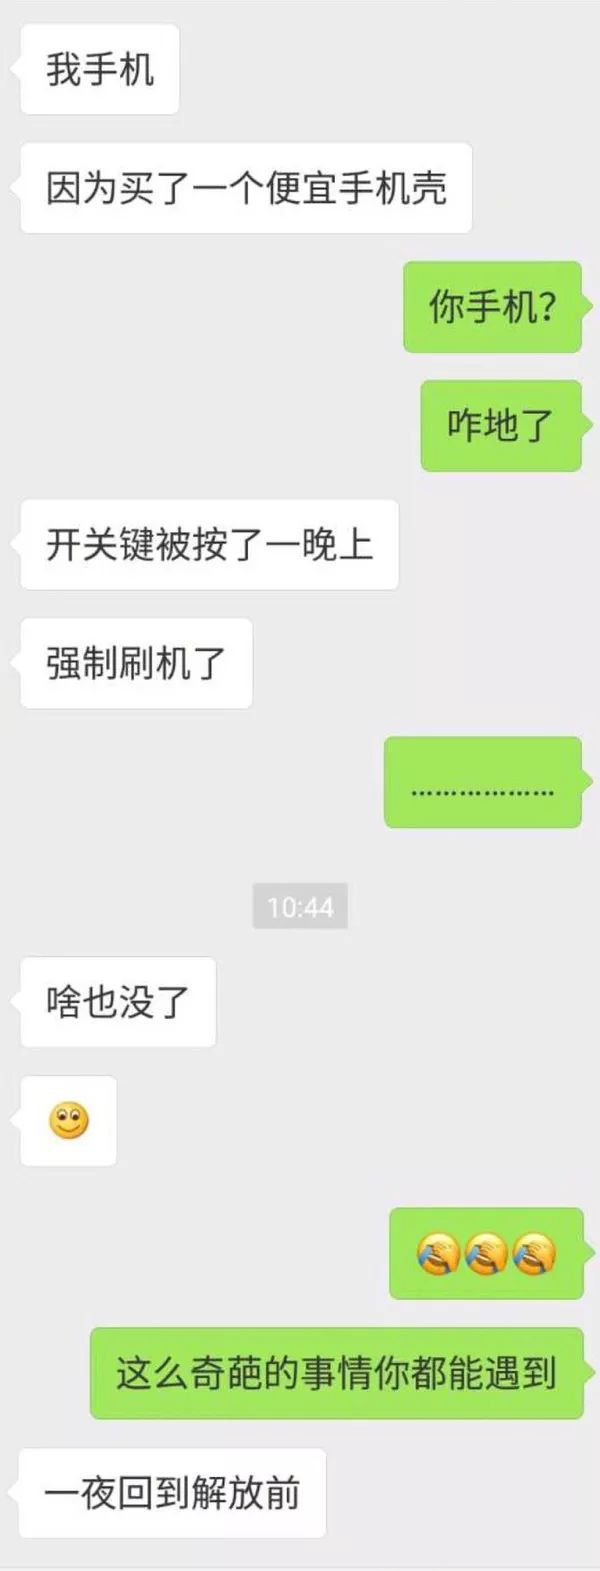 专访| 杨幂对仓老师才是花式宠溺?你确定不想知道这个带货精的铲屎心得?